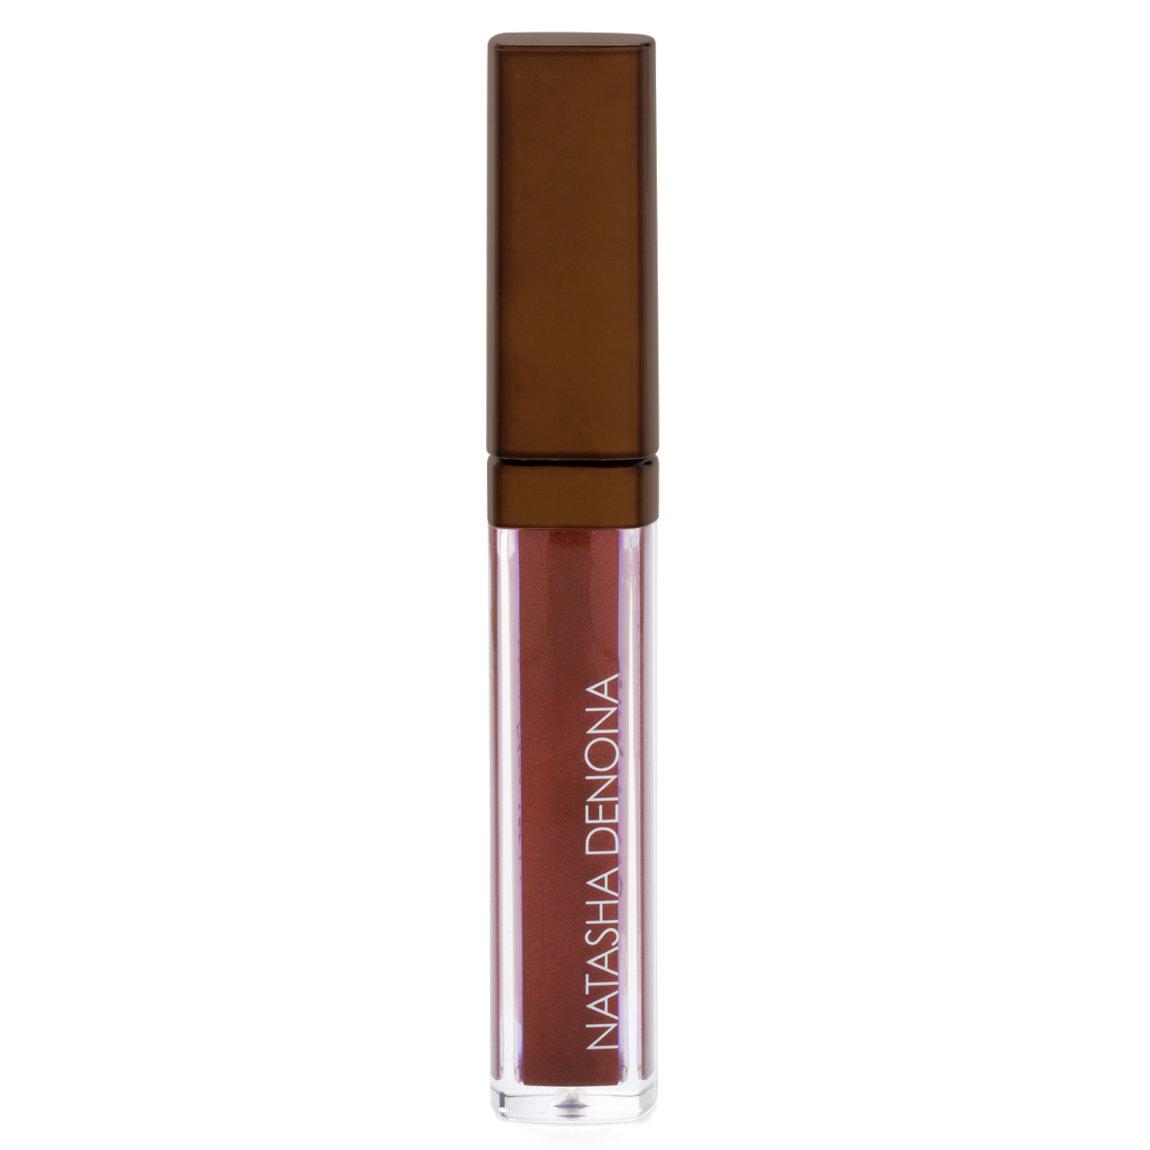 Natasha Denona Mark Your Lips Liquid Lipstick Metallic Achromatic alternative view 1.